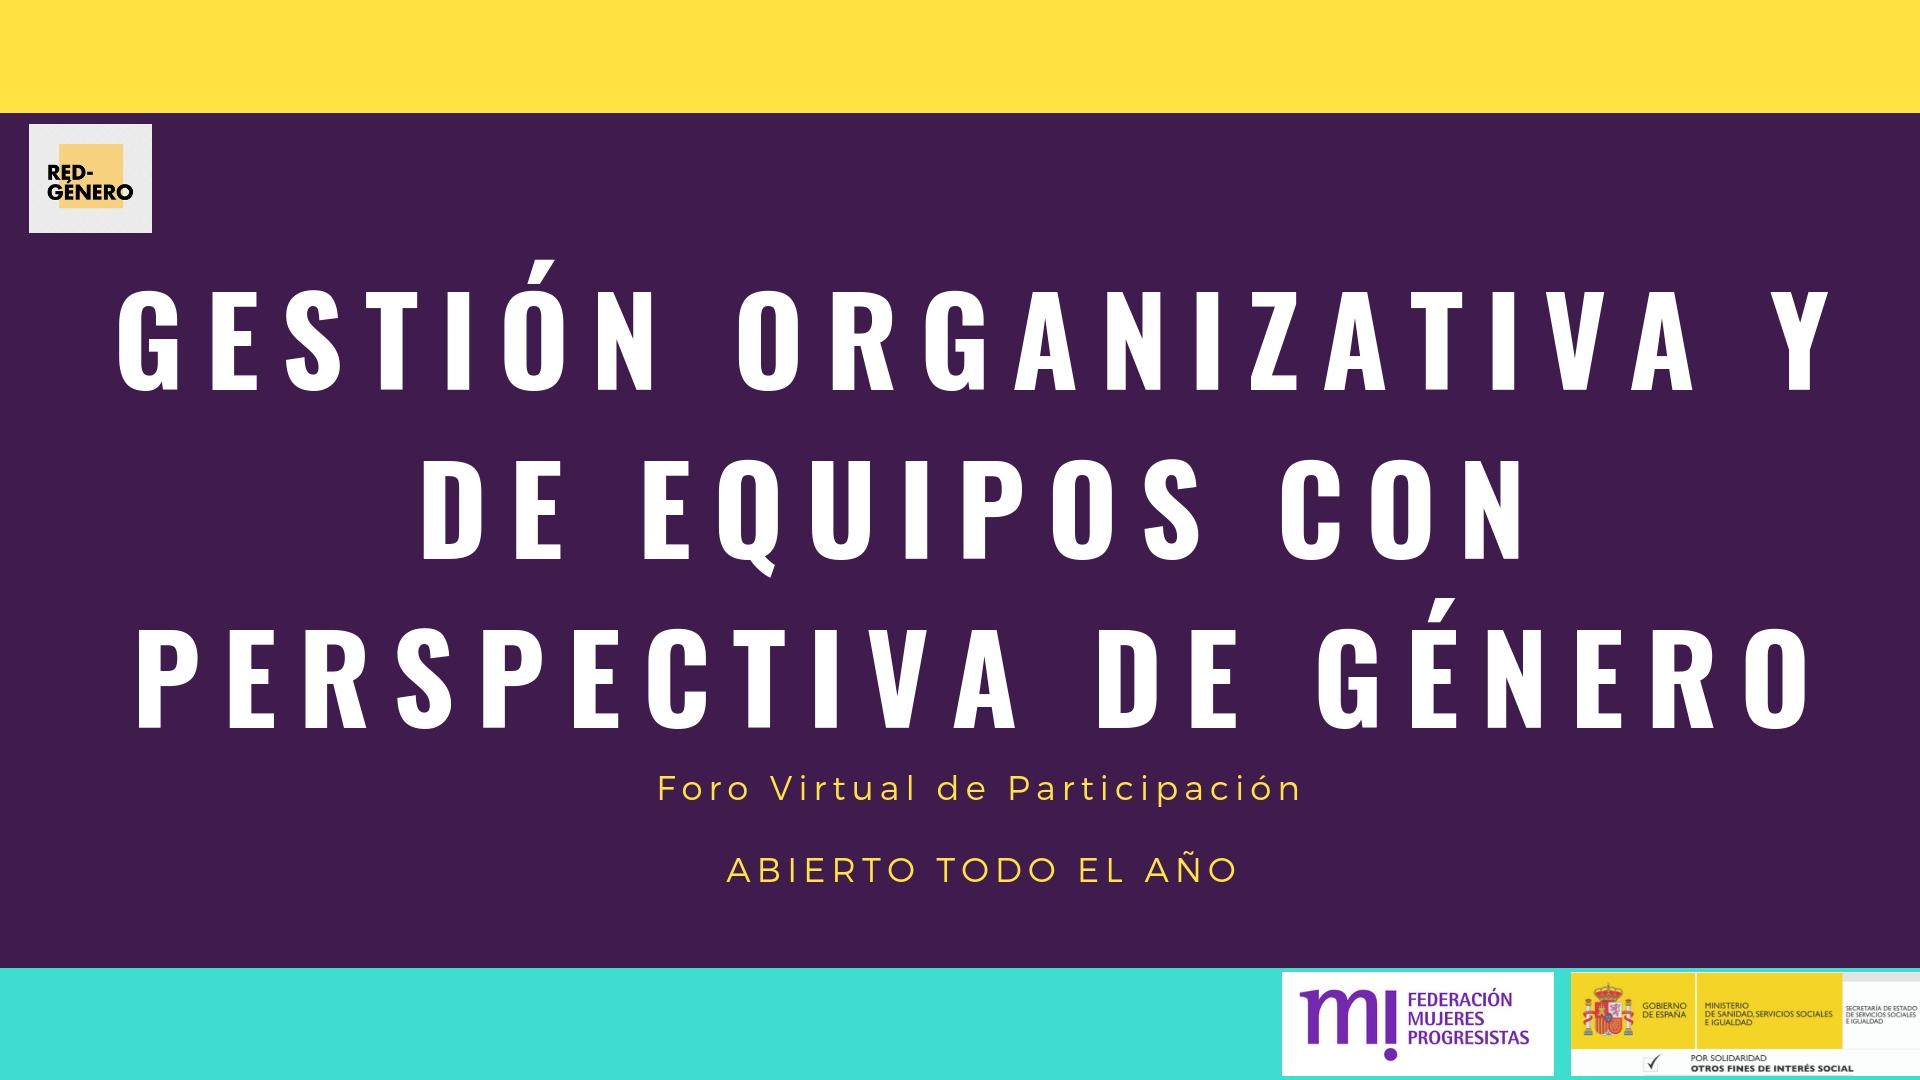 Course Image Foro Virtual de Participación en Gestión Organizativa y de Equipos con Perspectiva de Género